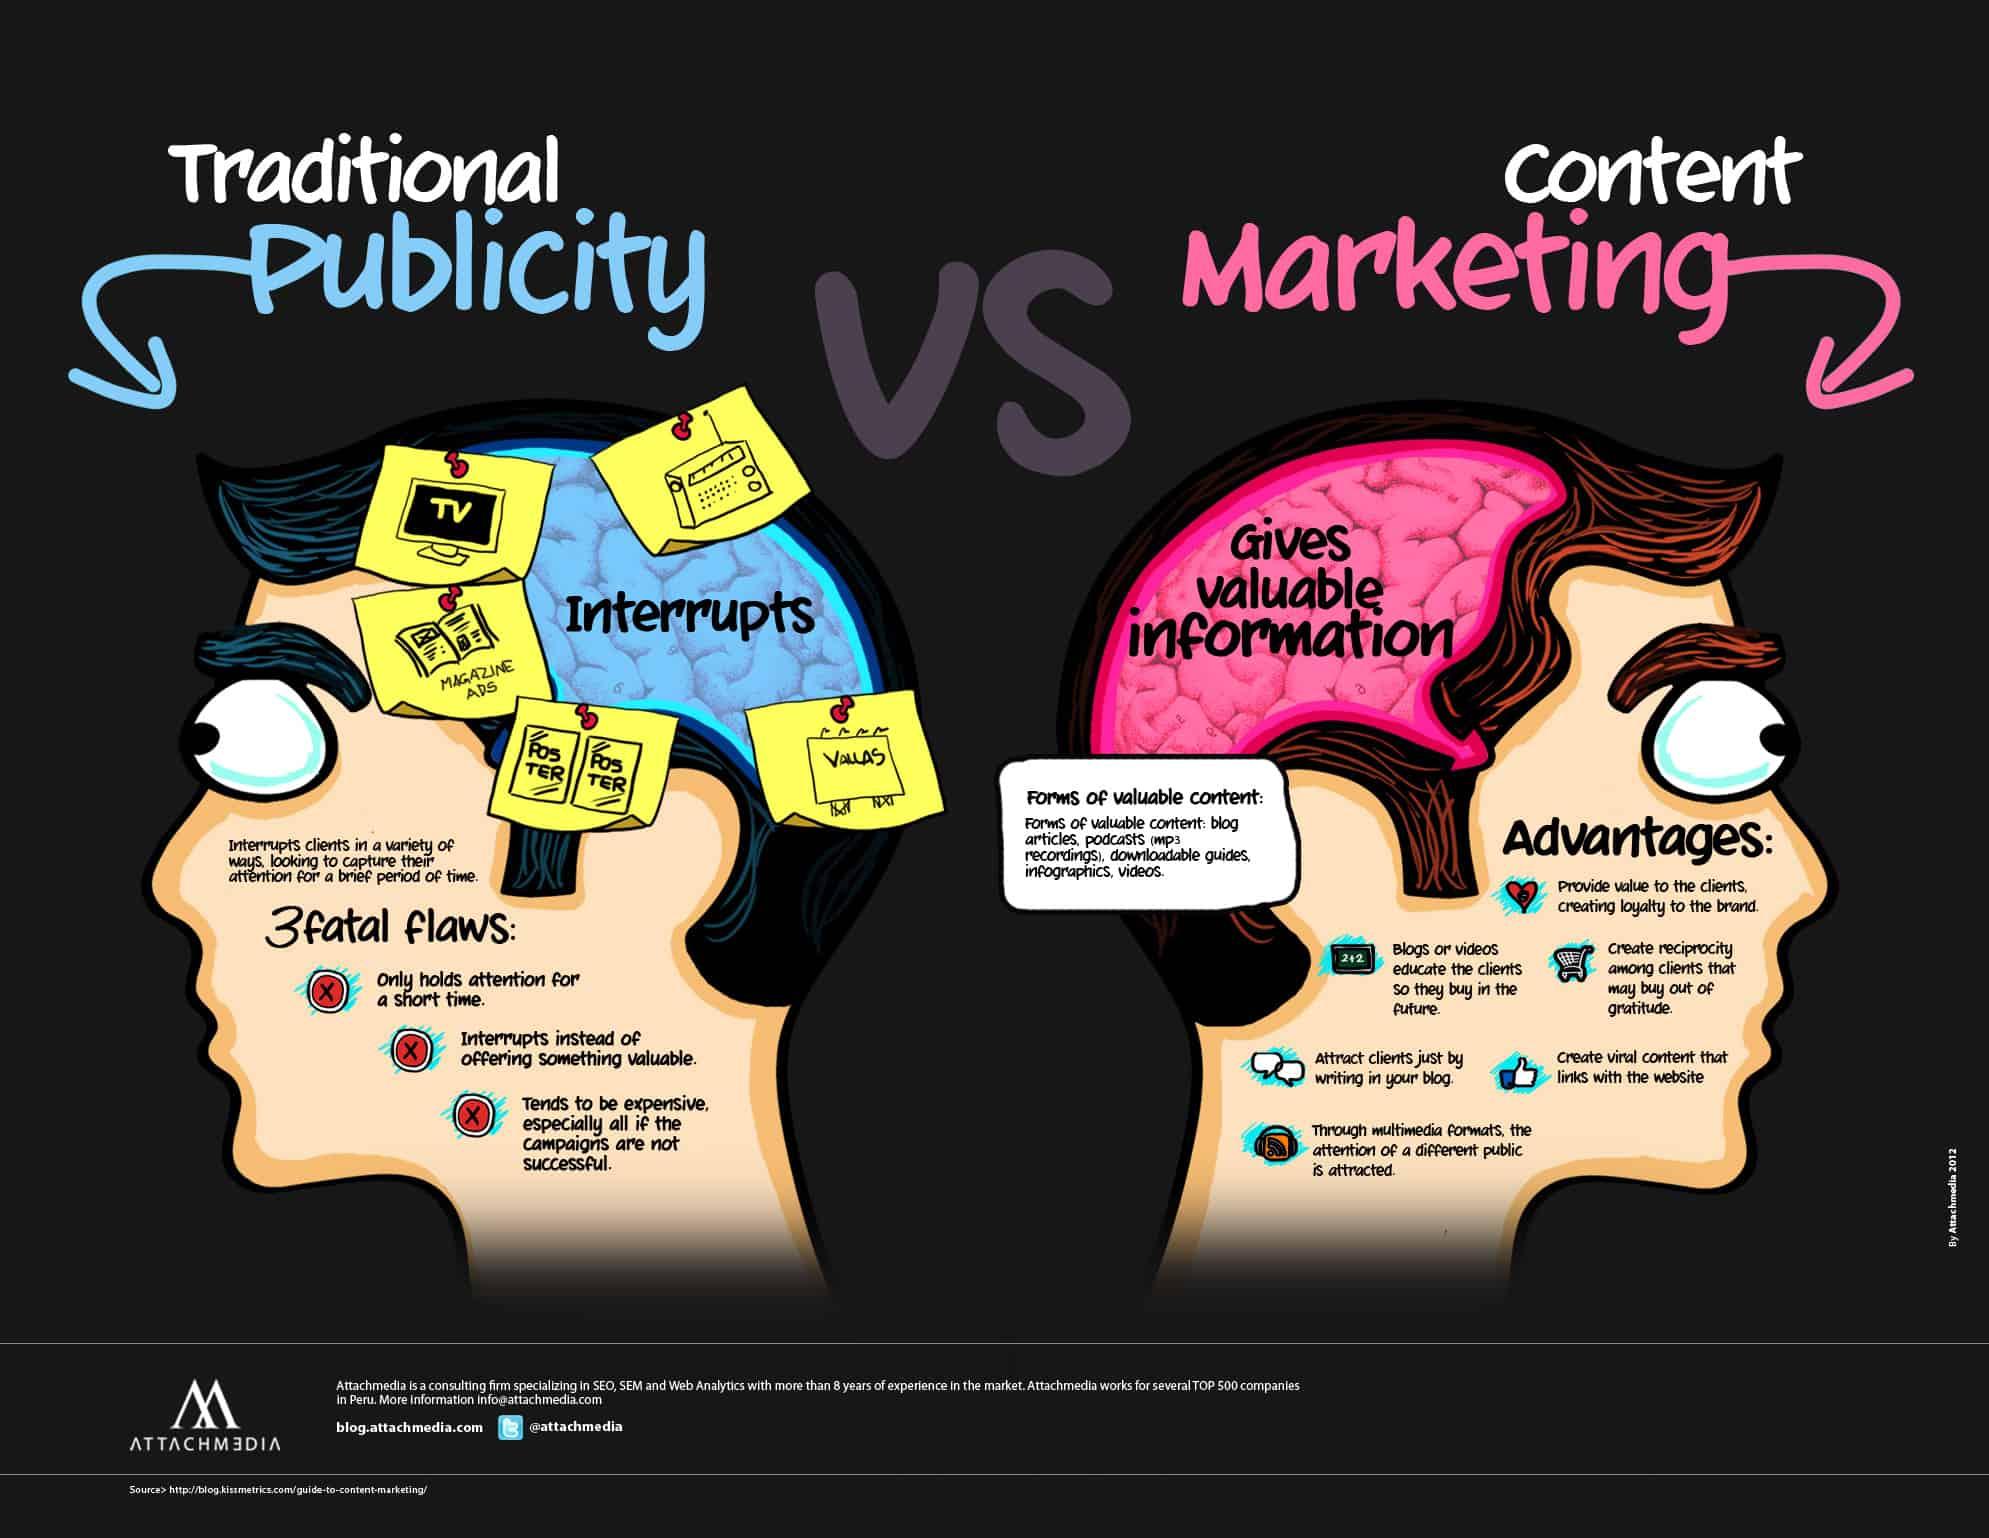 ความแตกต่างของการตลาดแบบเดิม (Traditional Marketing) กับ Content Marketing - ขอบคุณรูปจาก @attachmedia